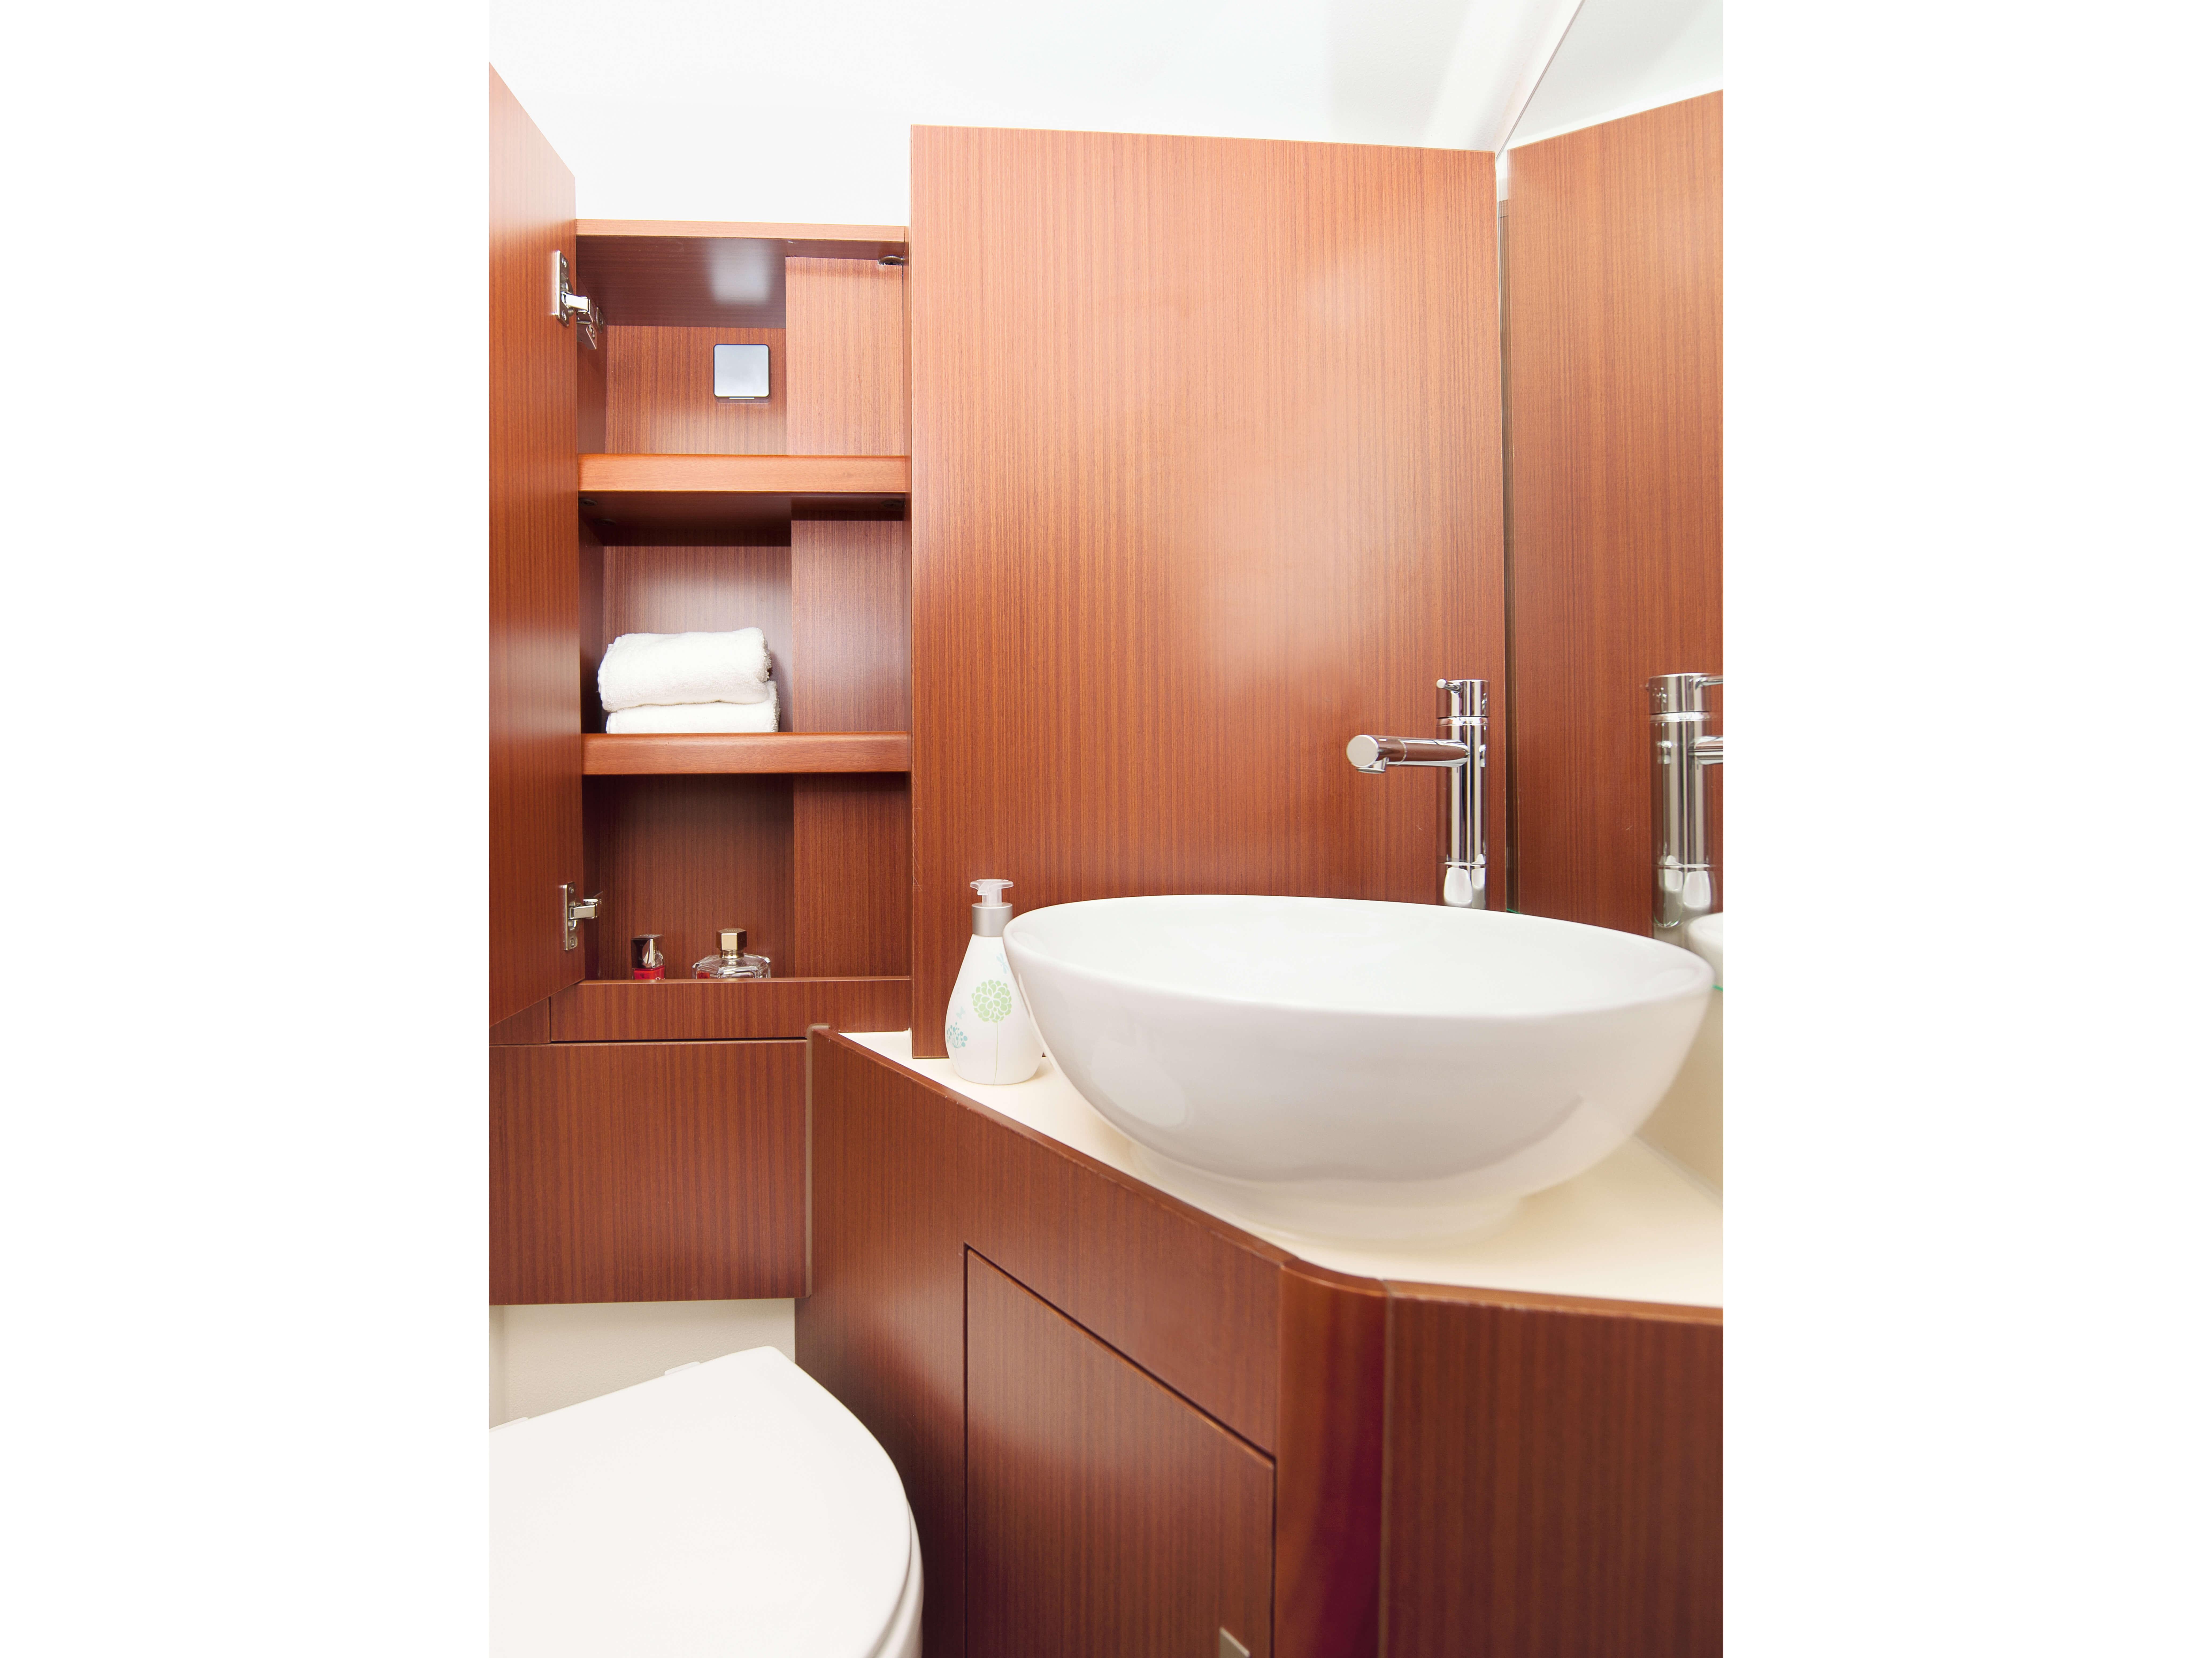 Dehler 42 Intérieur salle de bains de propriétaires | A2 Layout: eviér, WC, compartiment de rangement | Dehler